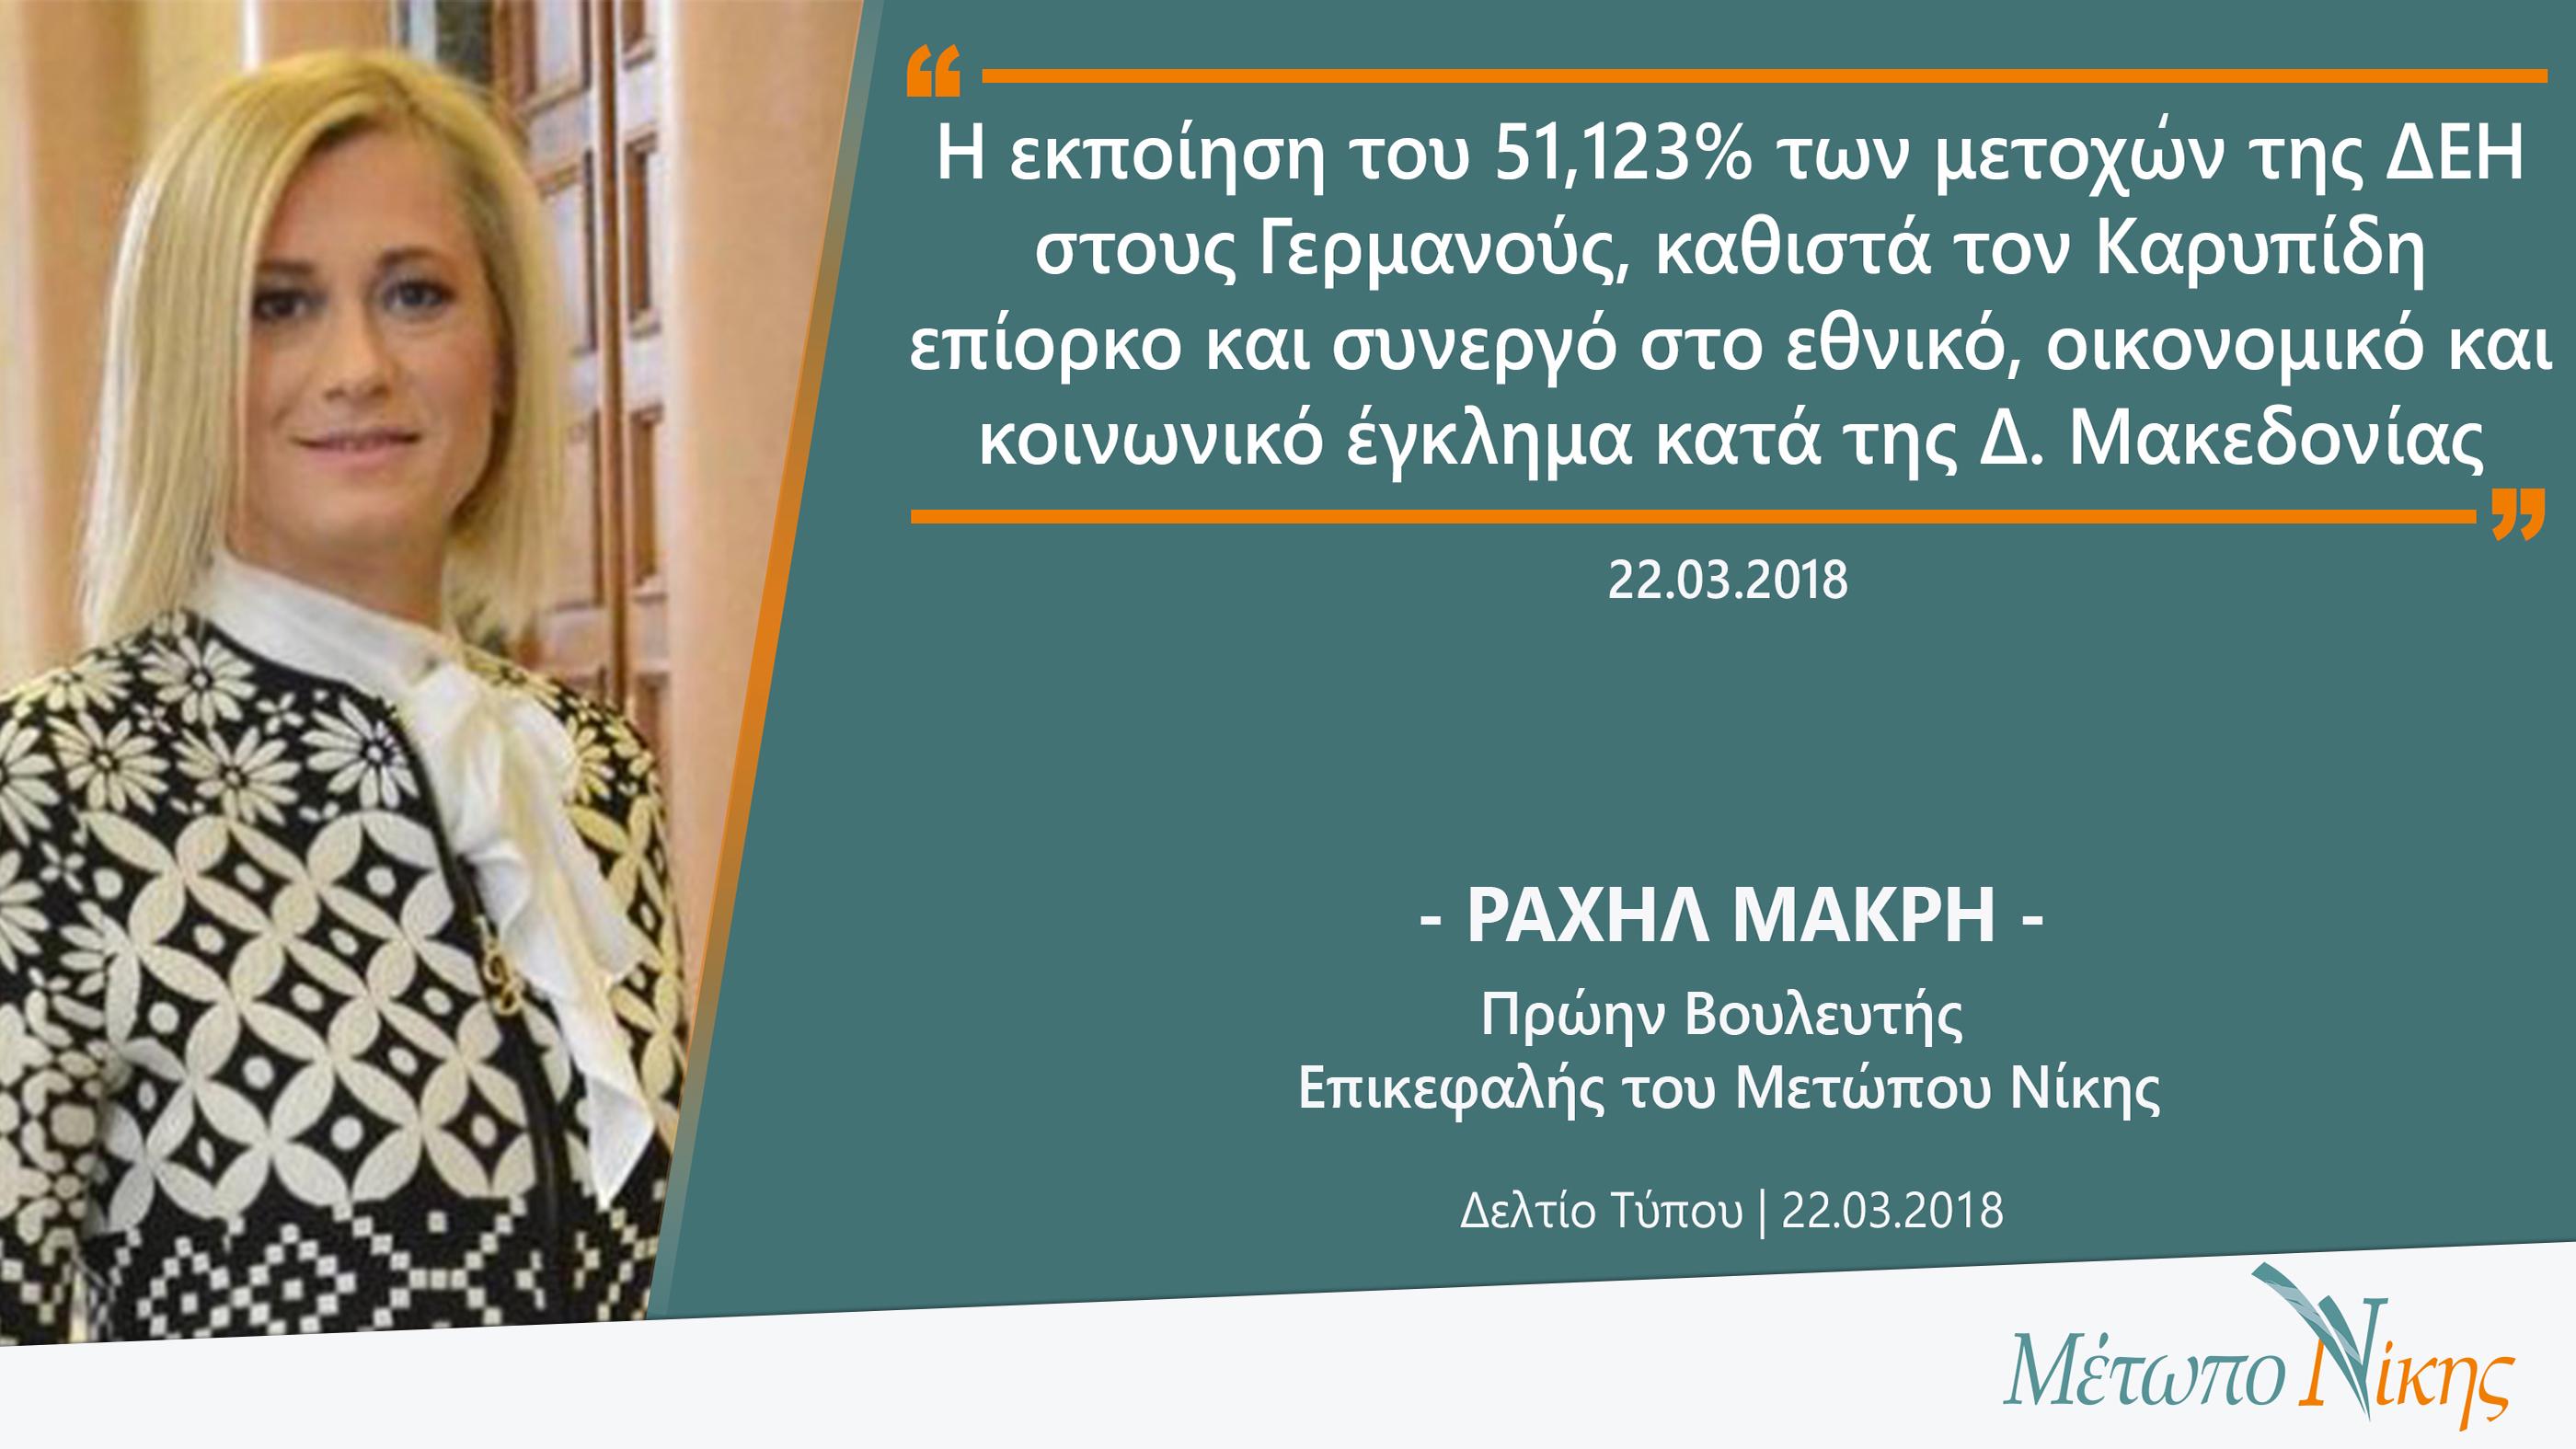 Ραχήλ Μακρή: «Η εκποίηση του 51,123% των μετοχών της ΔΕΗ στους Γερμανούς, καθιστά τον Καρυπίδη επίορκο και συνεργό στο εθνικό έγκλημα κατά της Δ. Μακεδονίας»